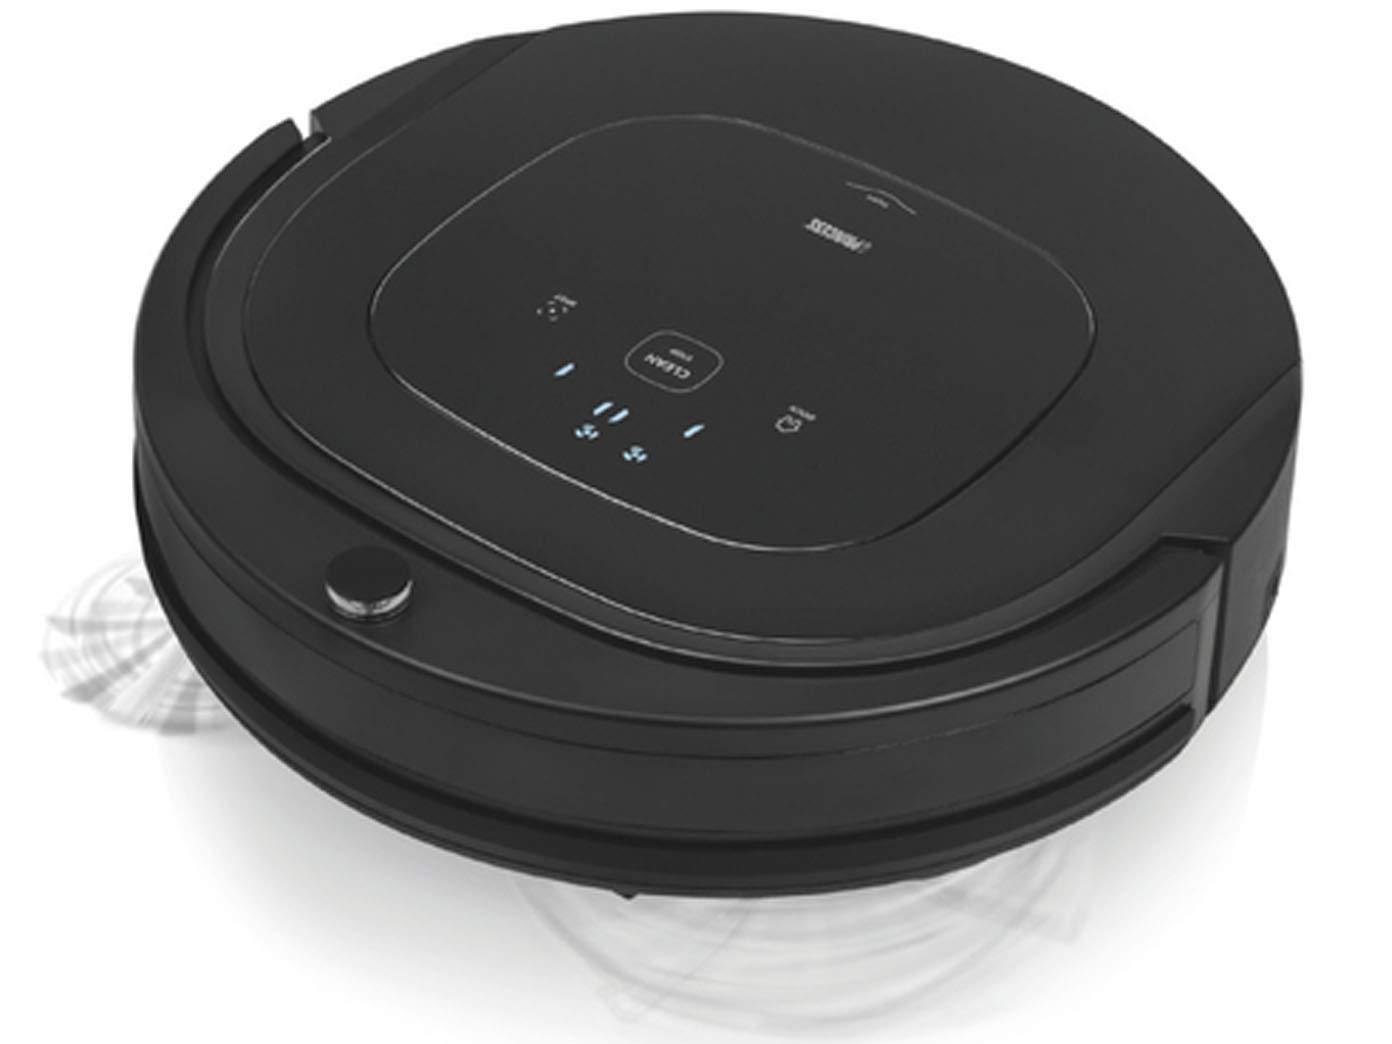 Robot aspirador Princess controlado por aplicación Alexa compatible con filtro HEPA de repuesto.: Amazon.es: Hogar